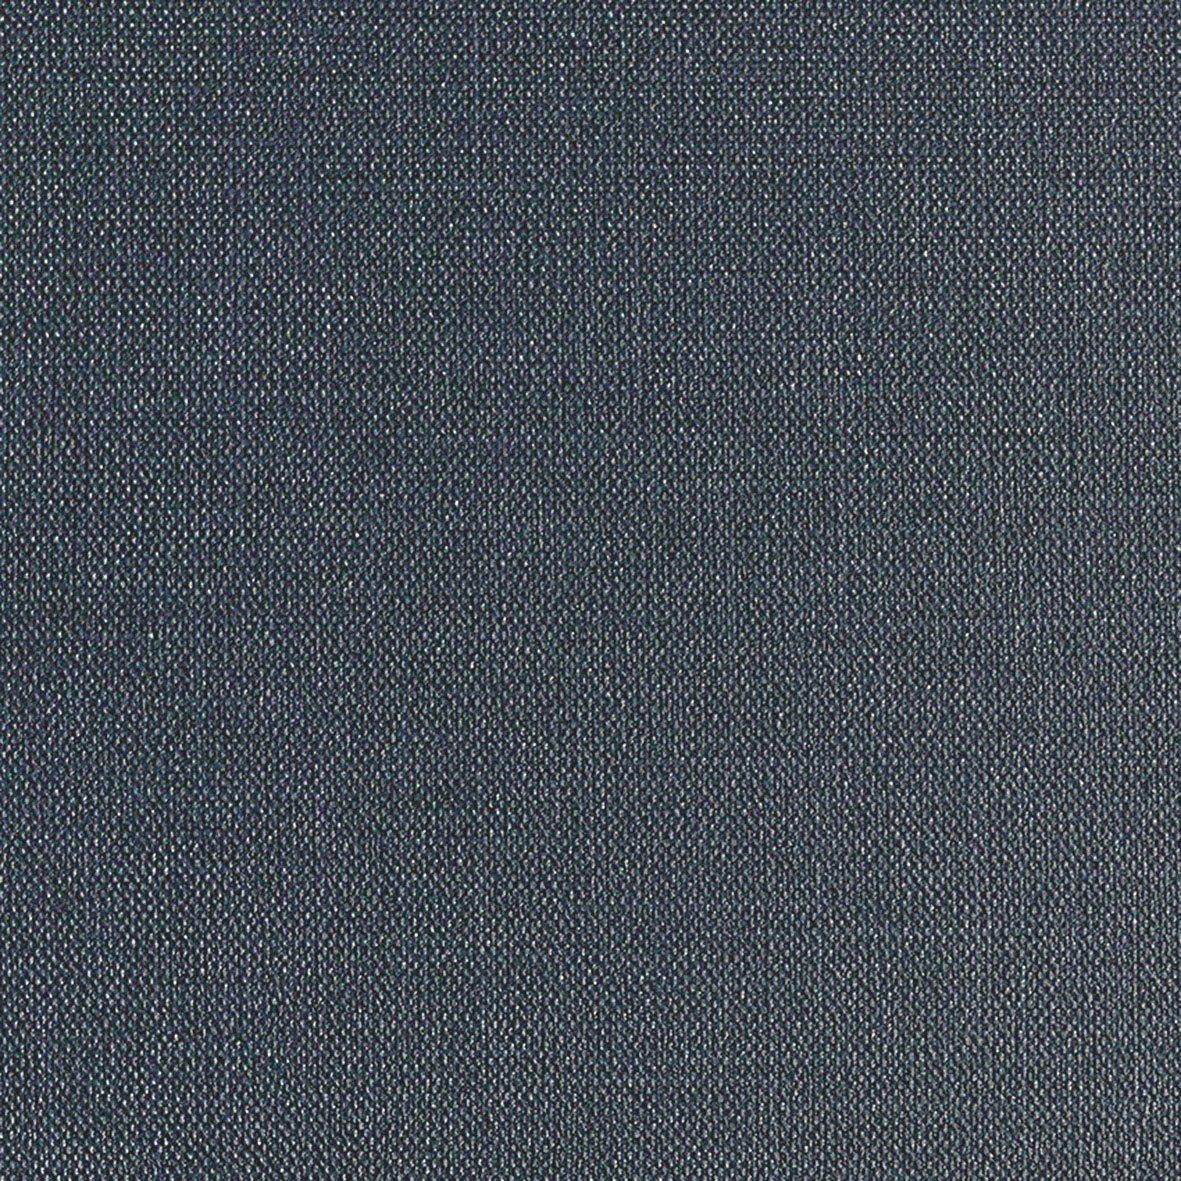 リリカラ 壁紙32m シンフル 織物調 ブルー 消臭+汚れ防止 [ダブルクリーン] LV-6491 B01IHRQMZO 32m|ブルー2